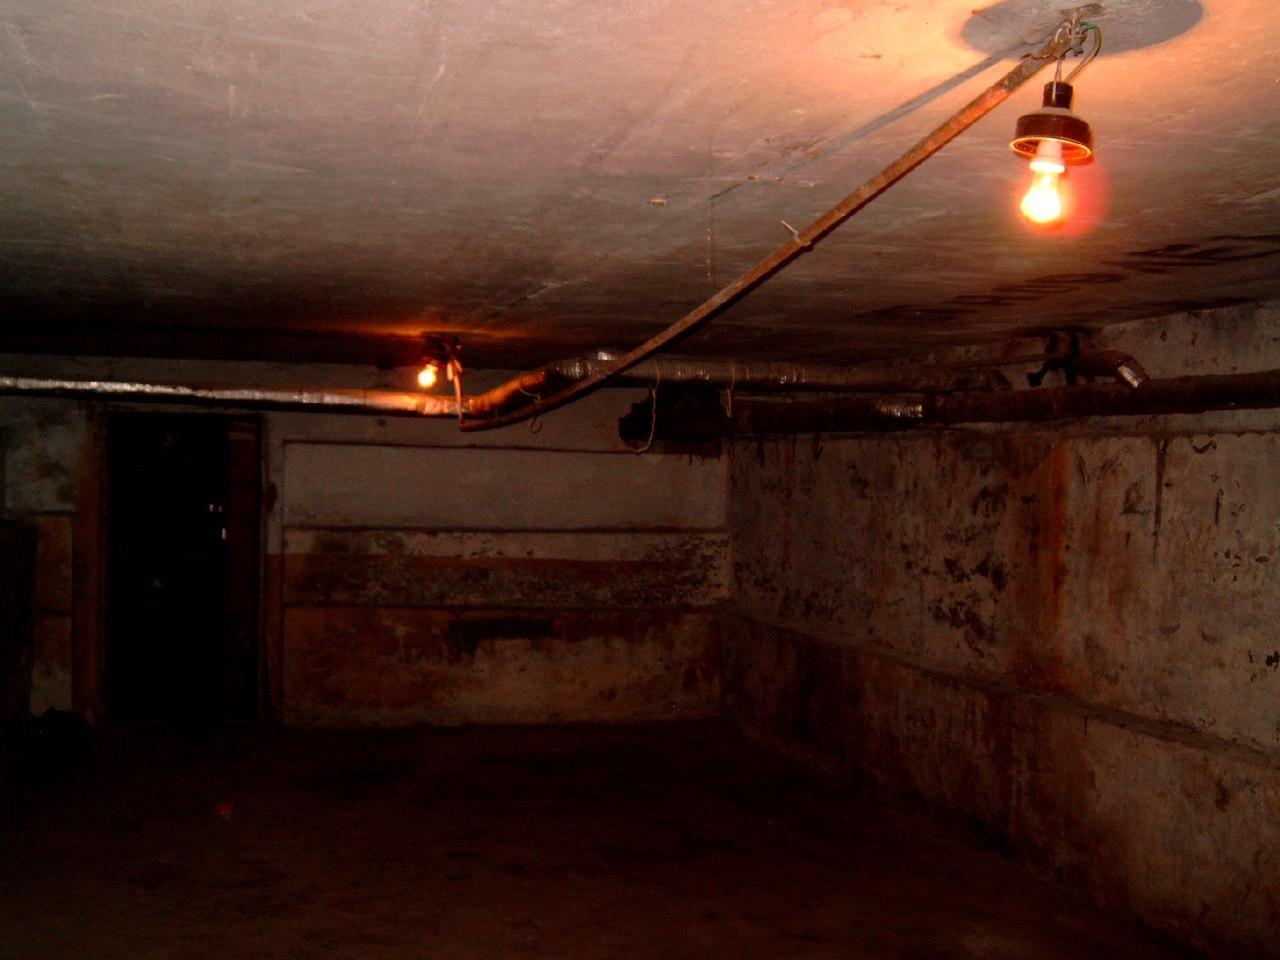 Полицейские рассказали, что убило всю семью в подвале